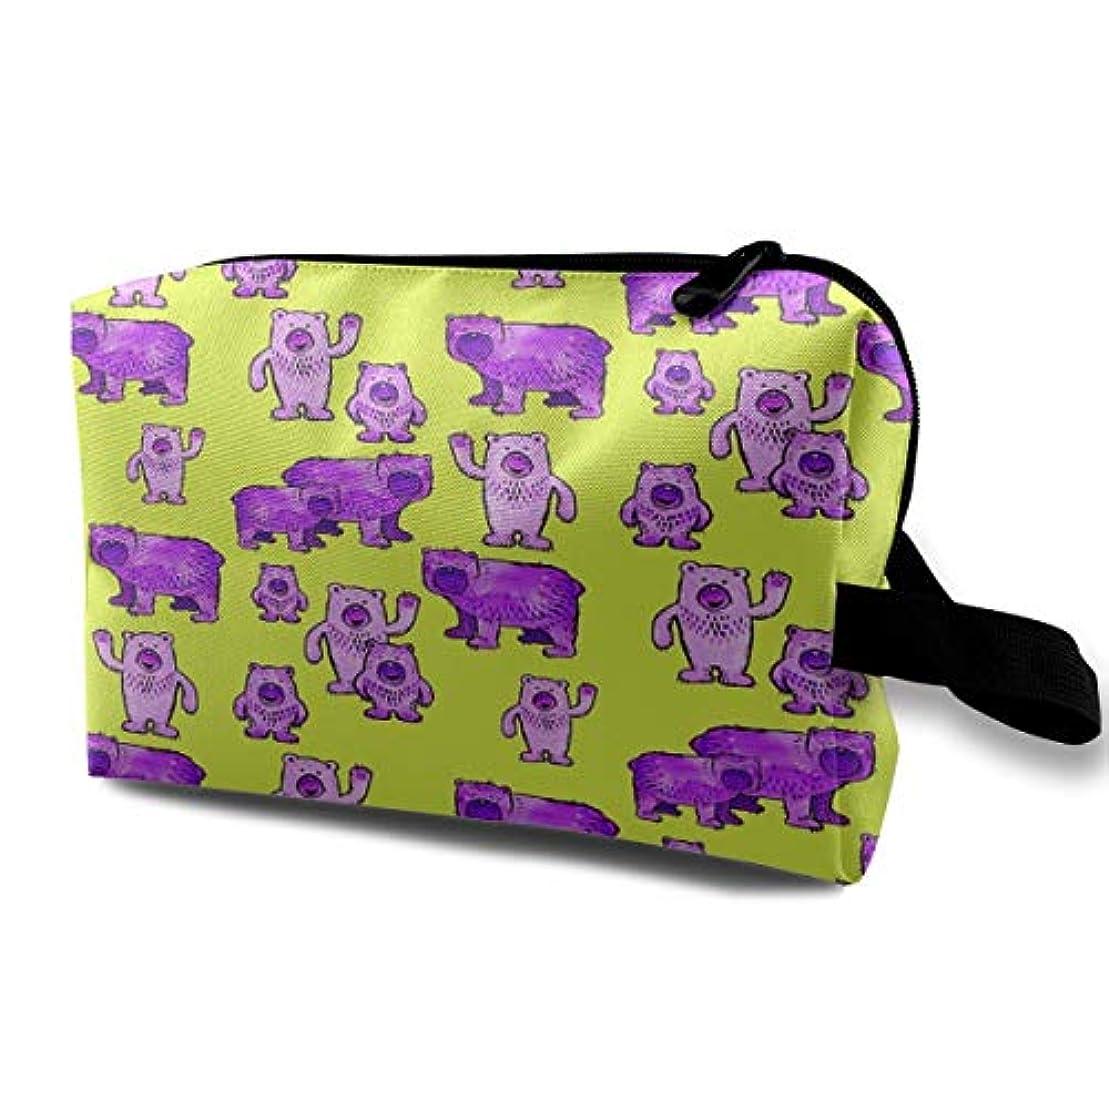 すべて地味な差別化するBears In Purple And Lime Green 収納ポーチ 化粧ポーチ 大容量 軽量 耐久性 ハンドル付持ち運び便利。入れ 自宅?出張?旅行?アウトドア撮影などに対応。メンズ レディース トラベルグッズ